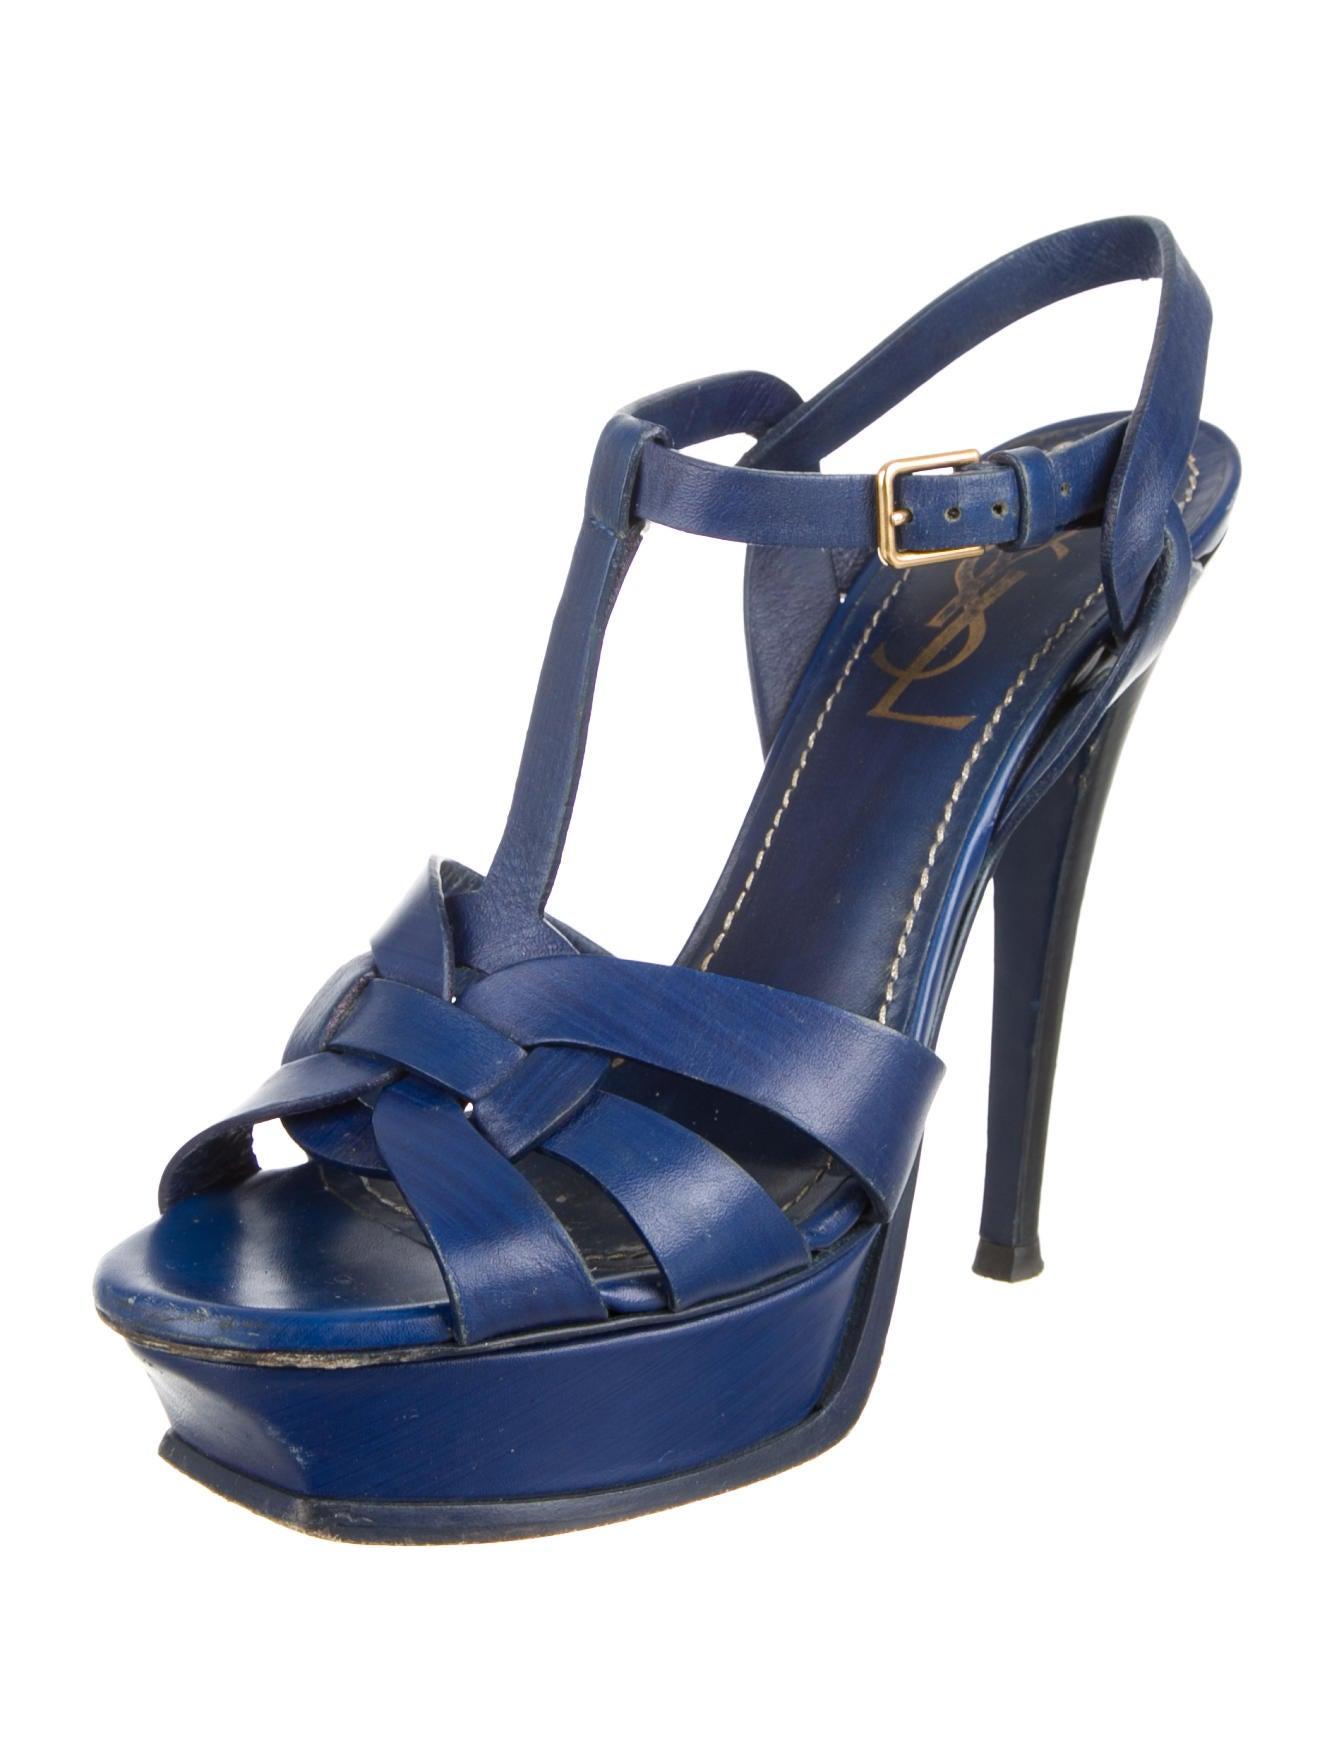 yves laurent tribute platform sandals shoes